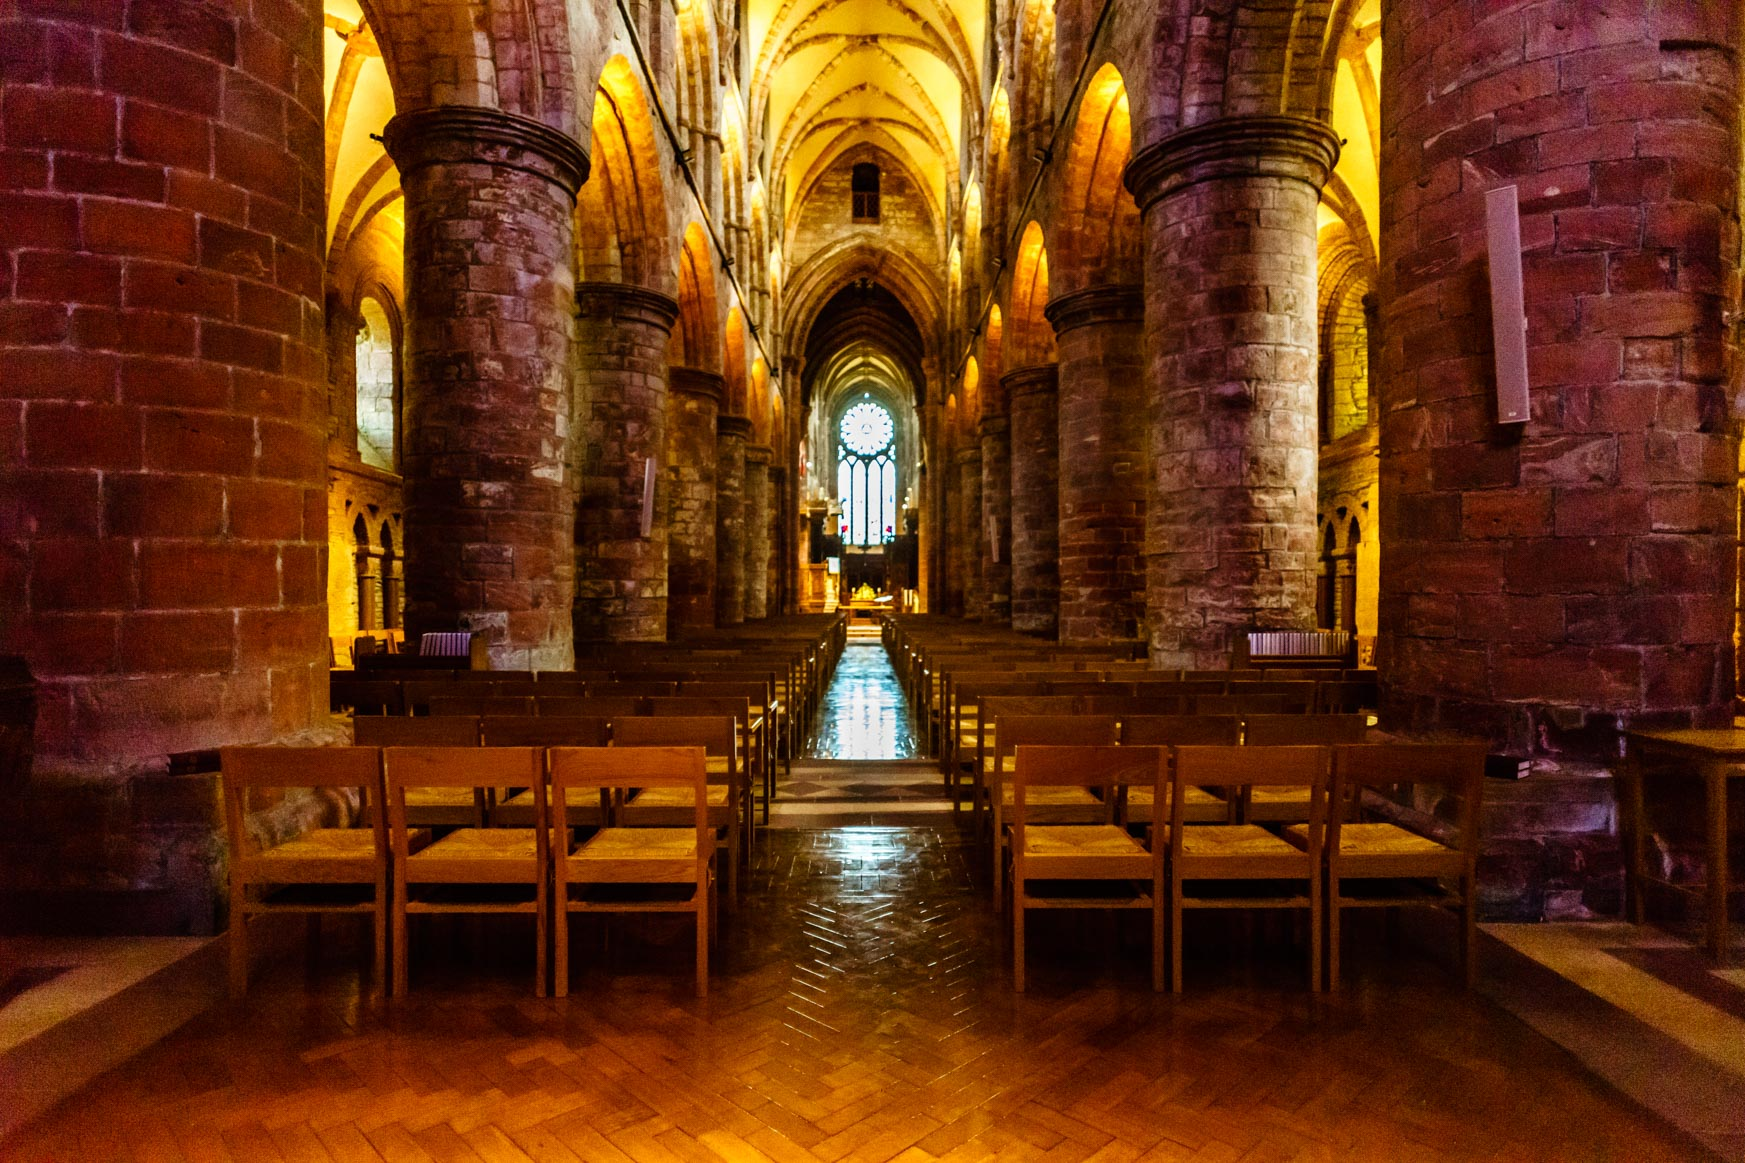 St. Magnus Cathredral